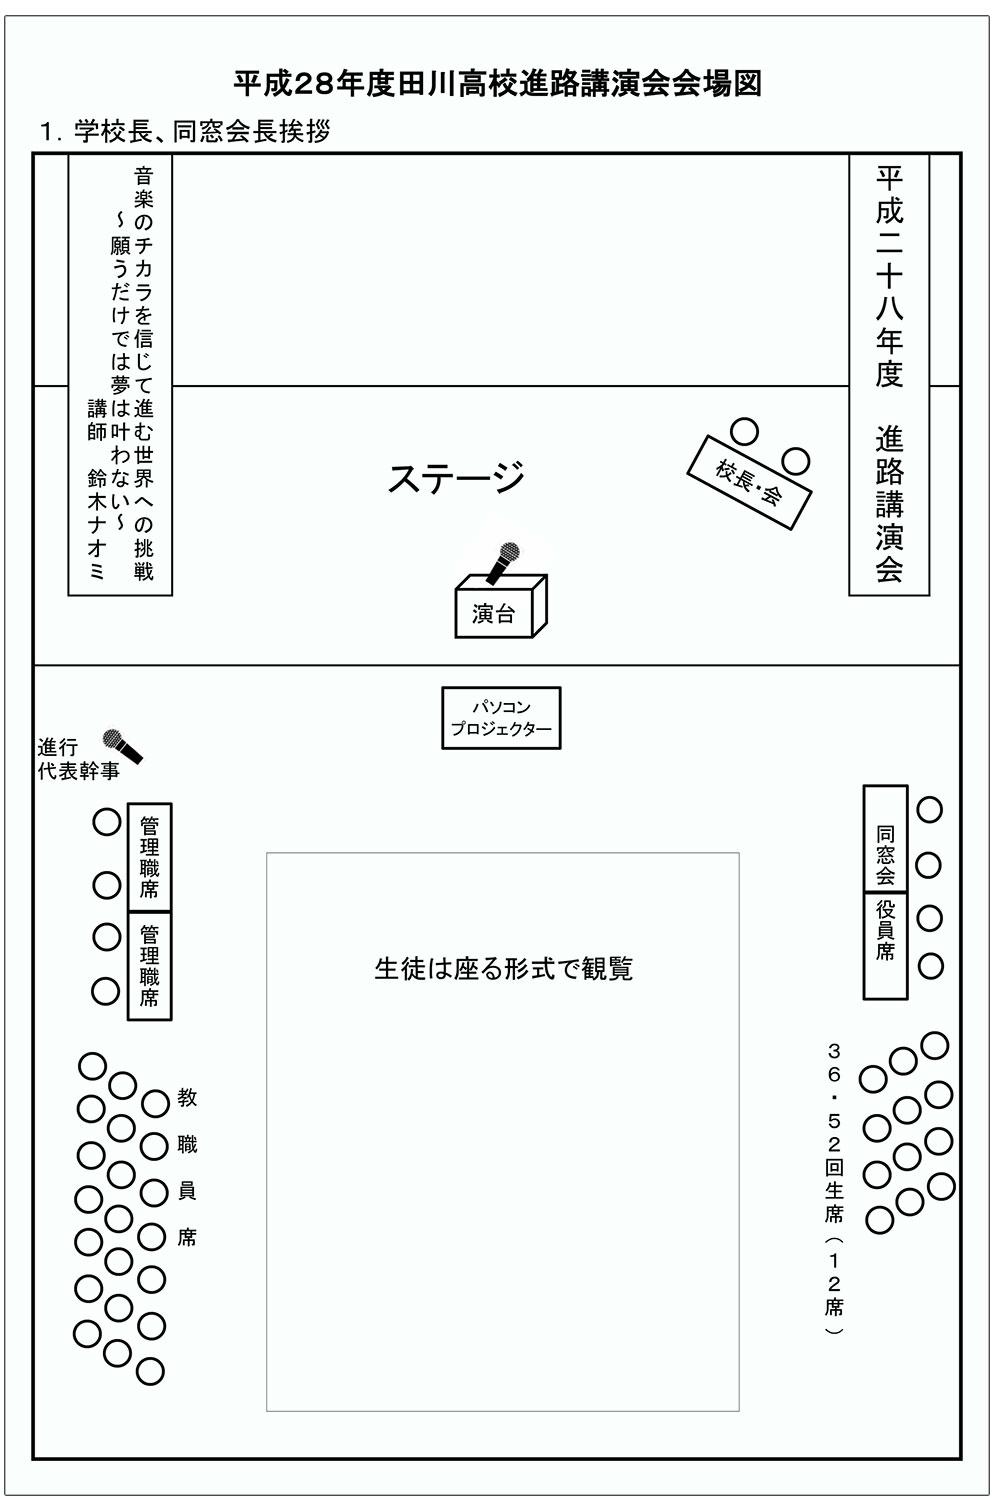 進路講演会会場図1-(1)